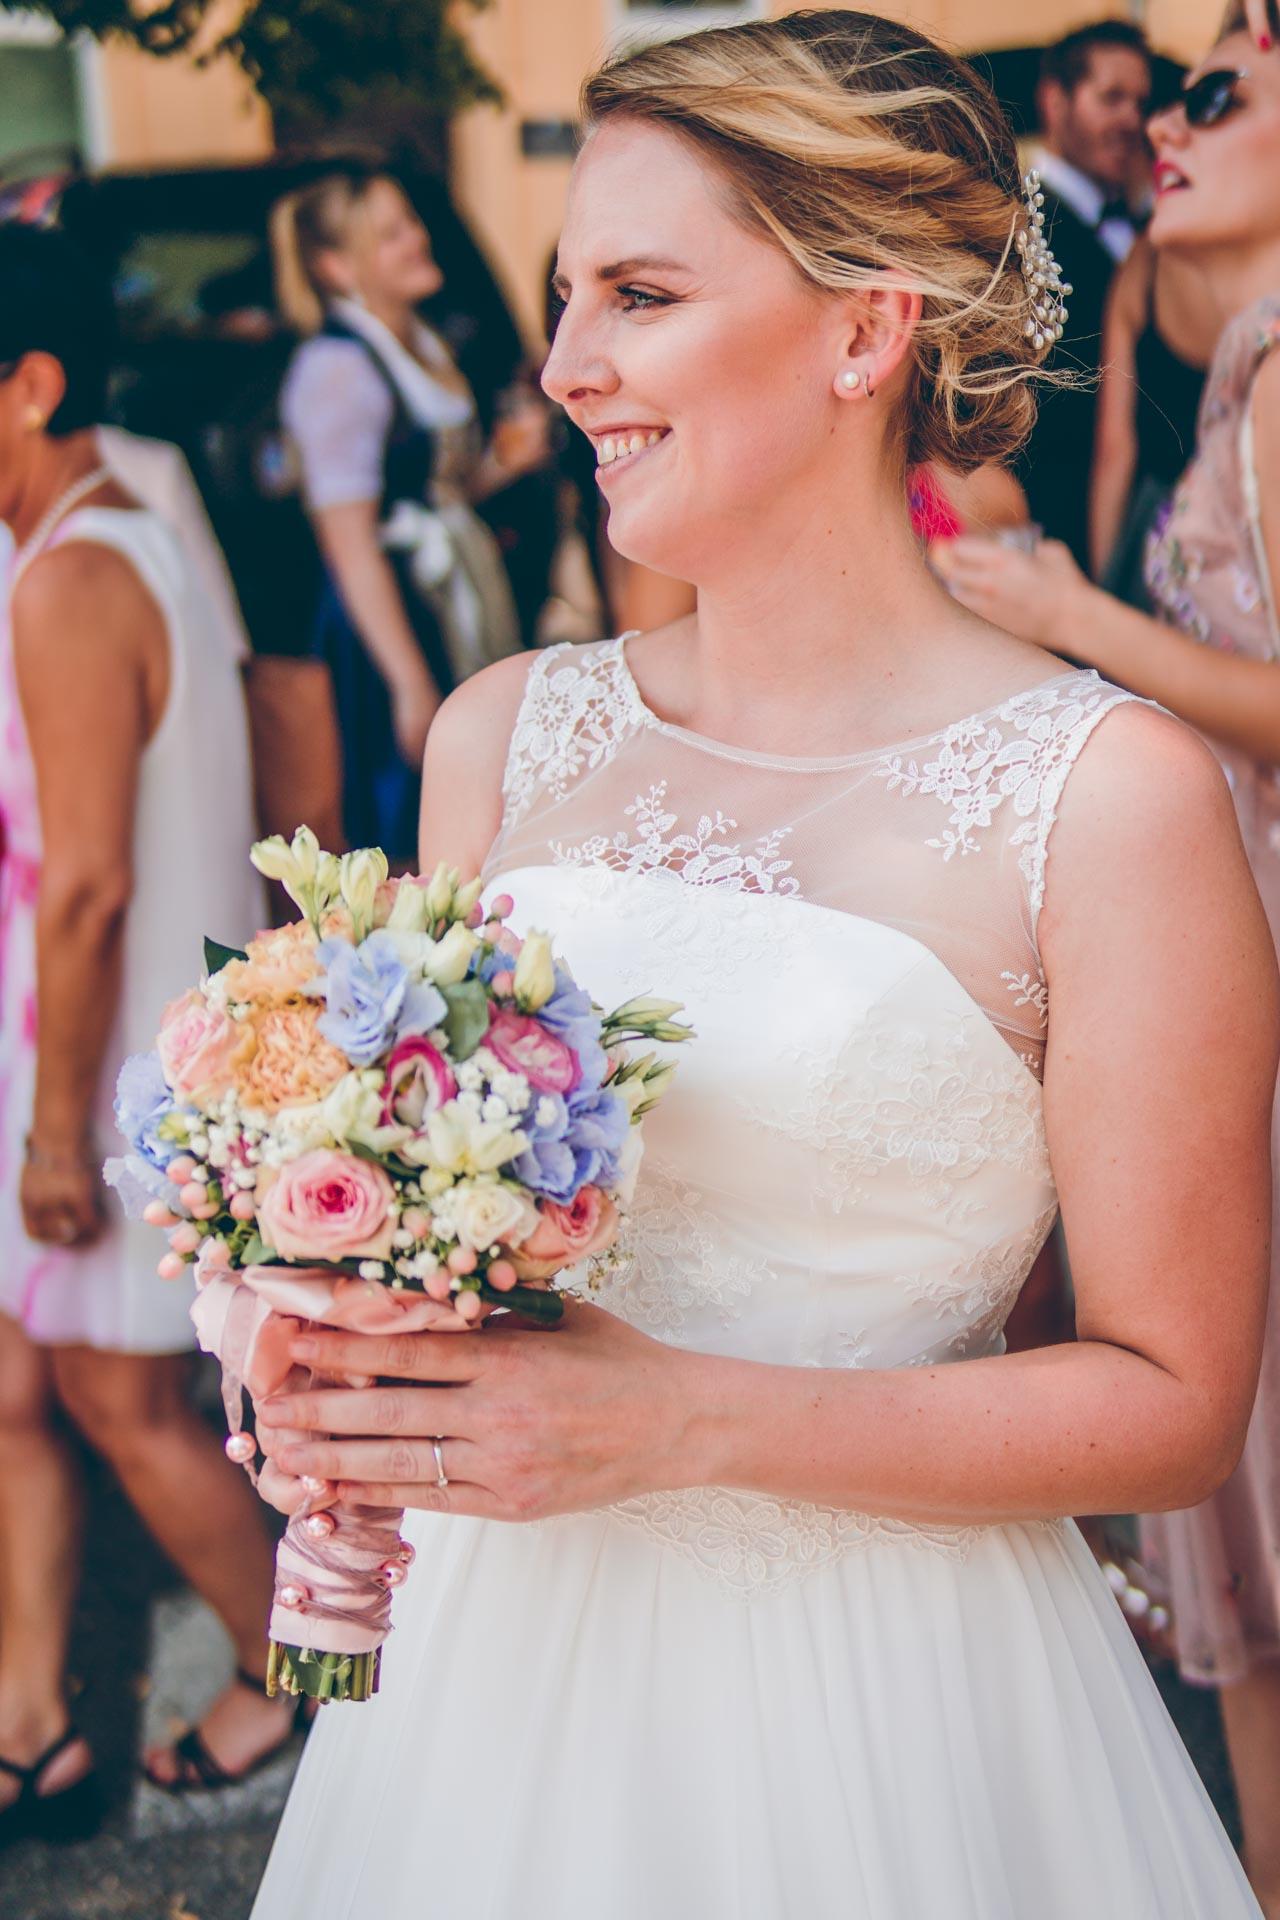 Wunderschönes Bild der Braut mit ihrem Brautstrauß